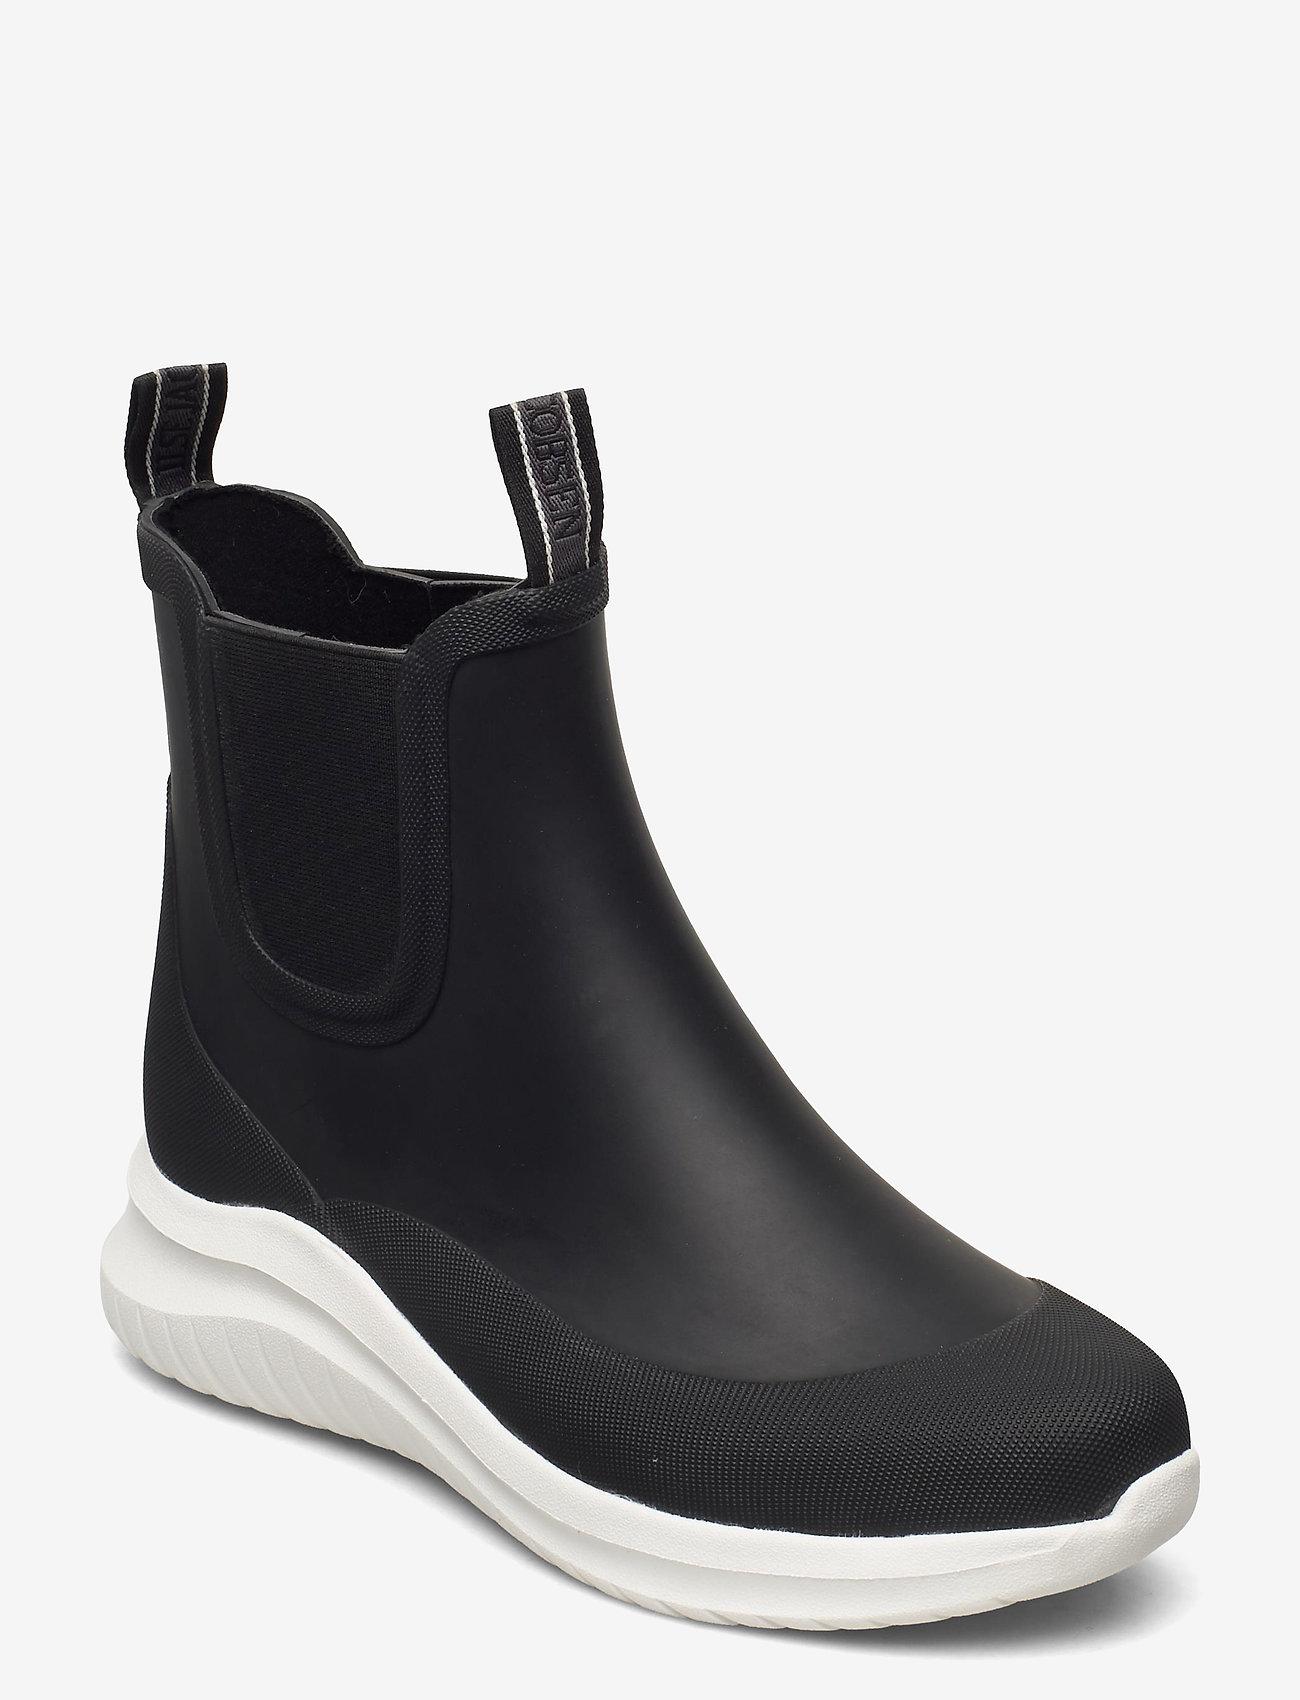 Ilse Jacobsen - Short rubber boots - bottes de pluie - black - 0